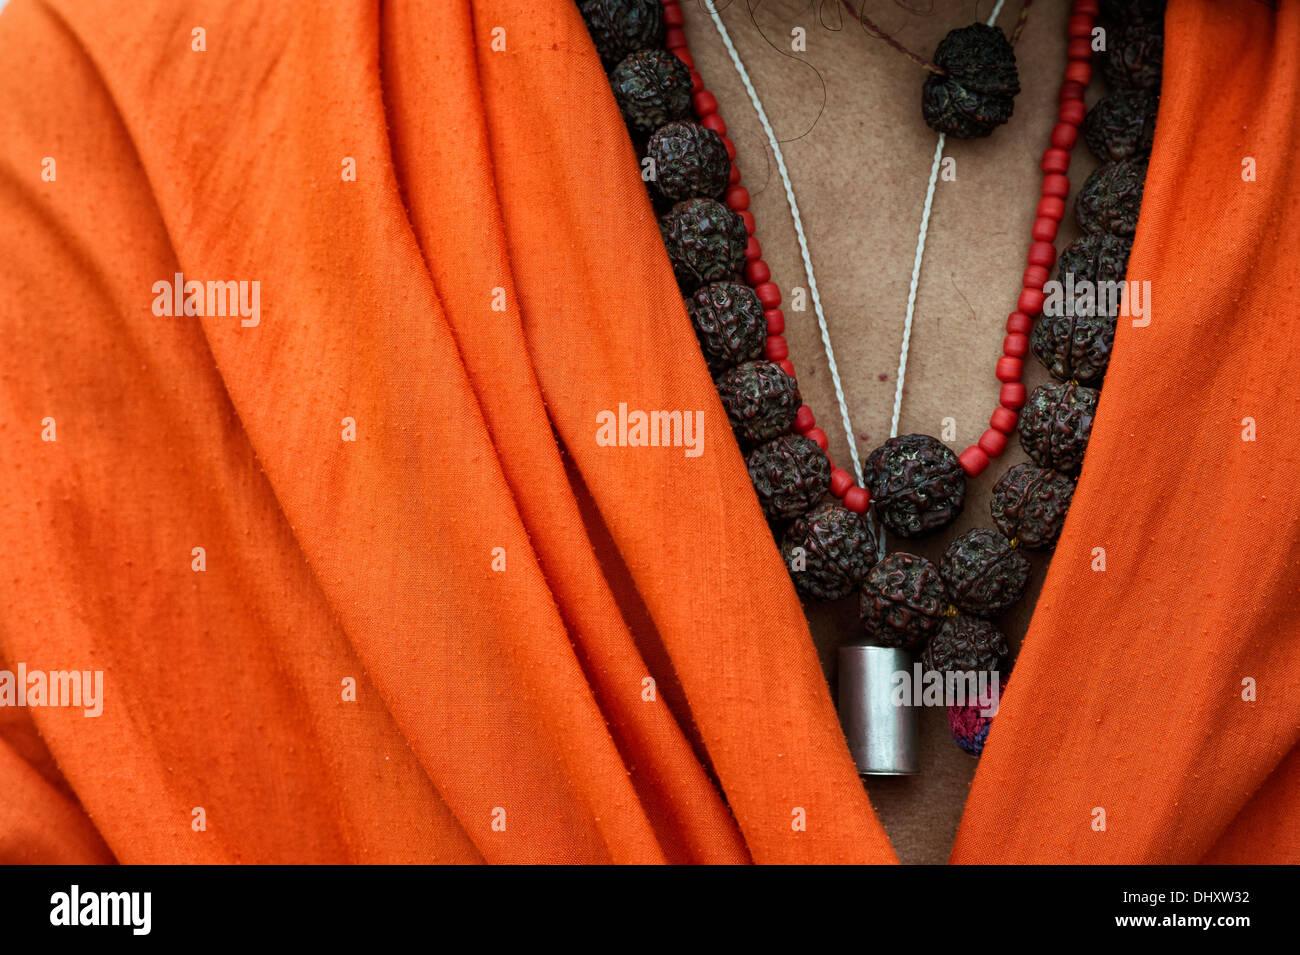 Indischen Sadhus Rudraksha Perlen gegen seine orange Tuch. Indien Stockfoto